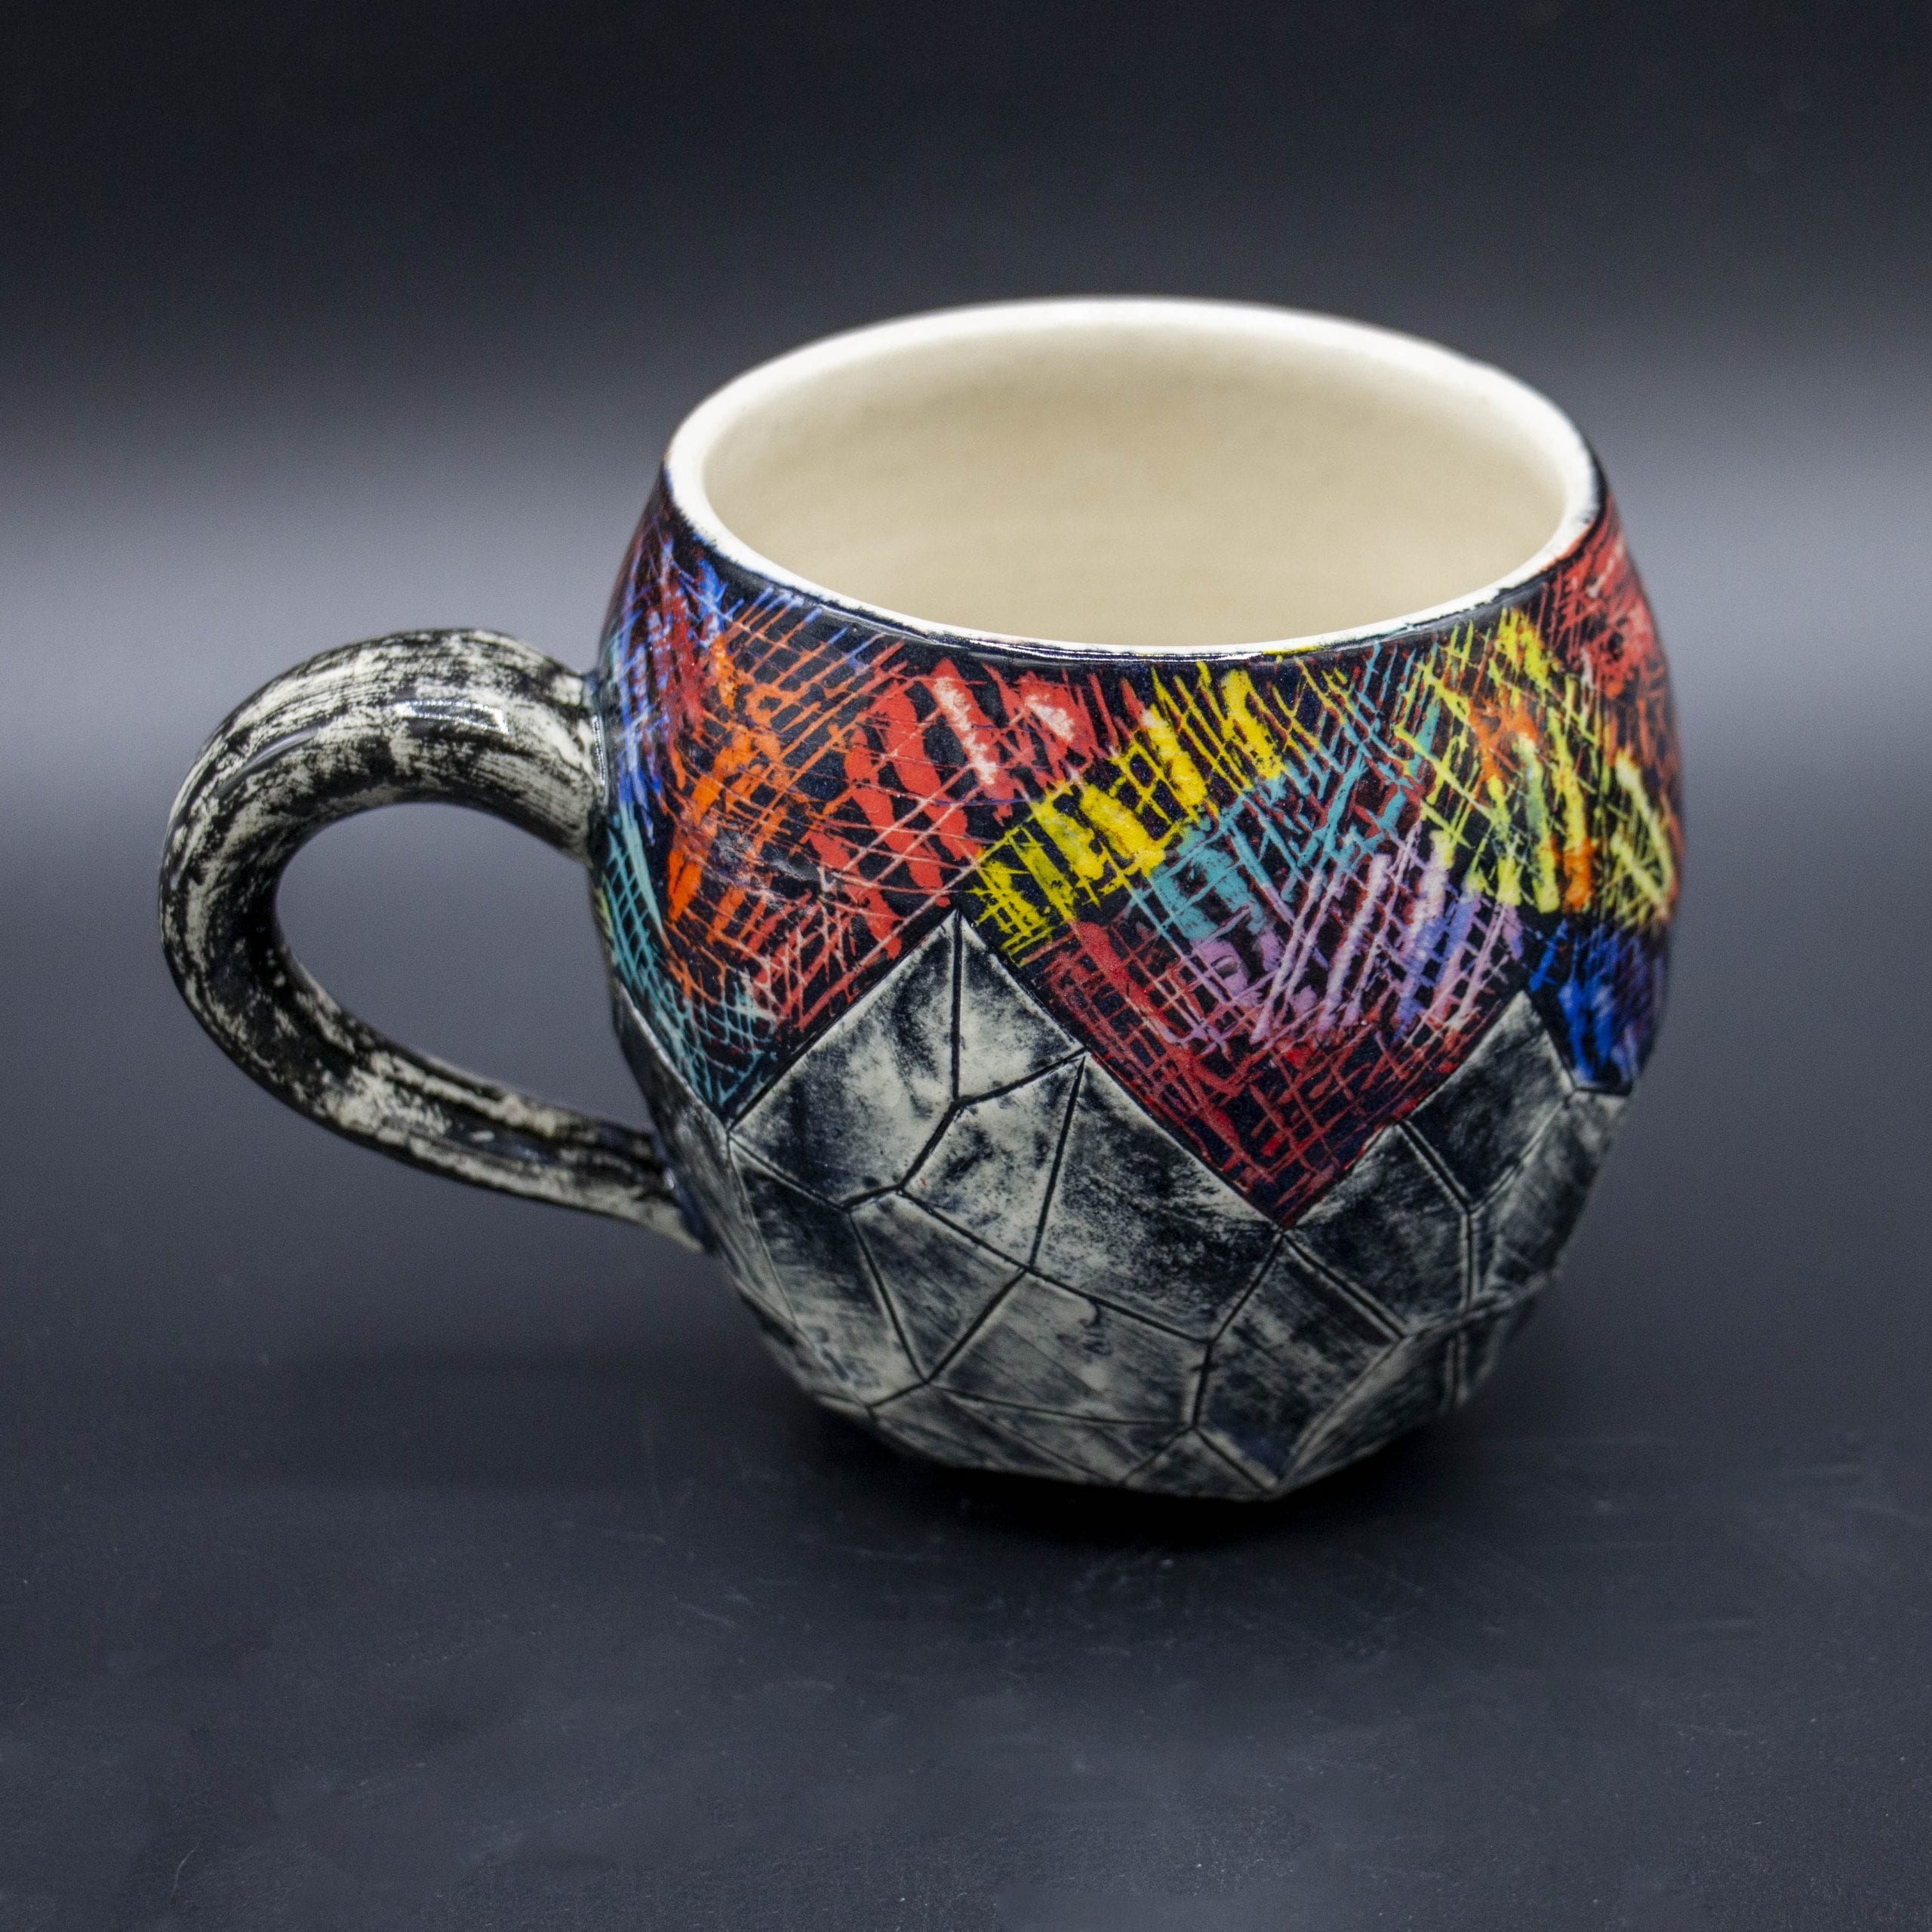 Tiffany Schmierer - 2020 - Mug - Porcelain